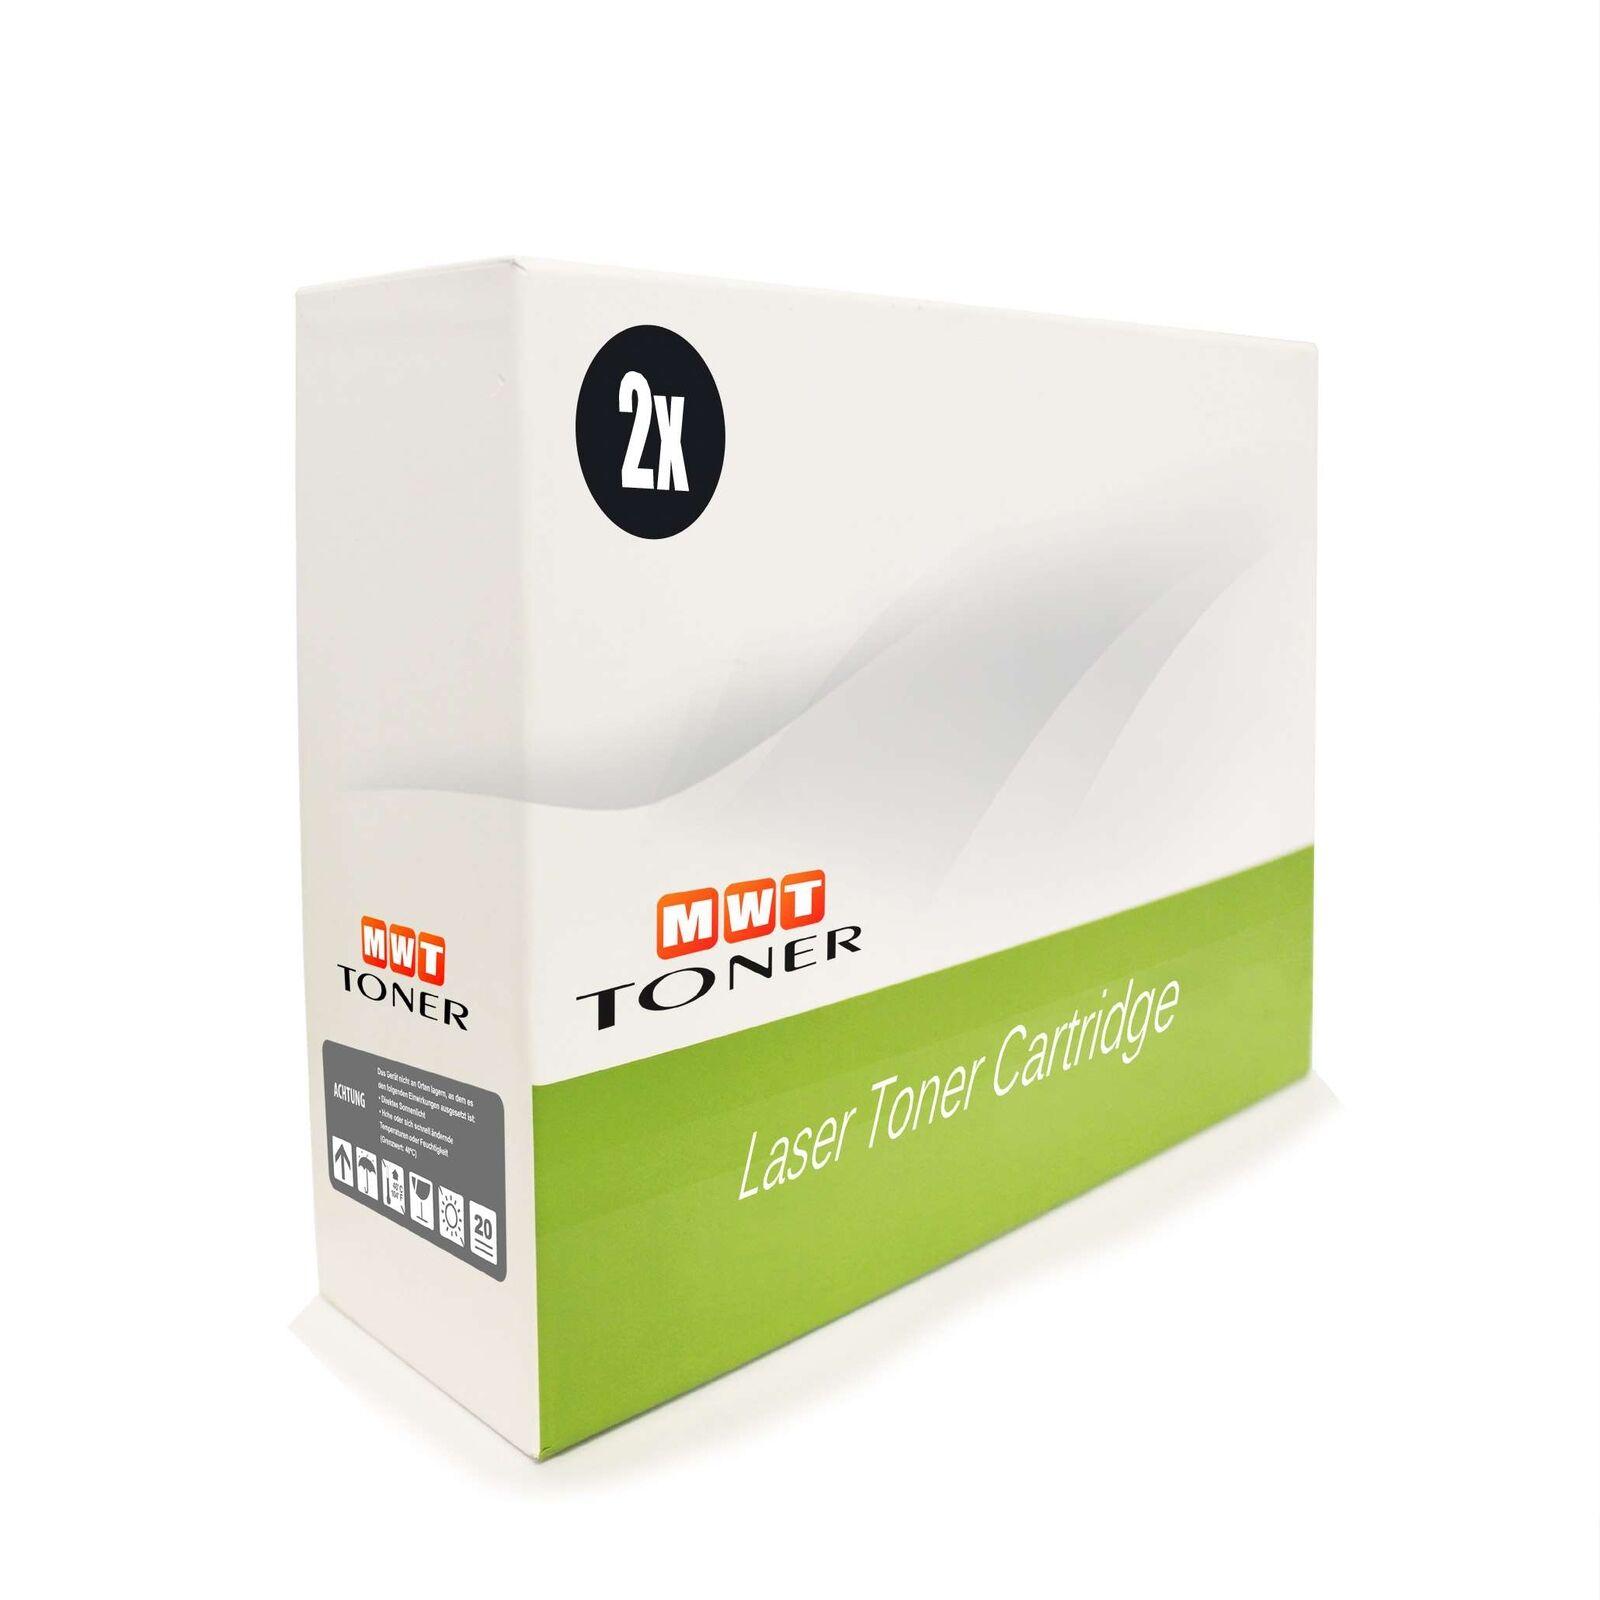 2x Patrone für Utax CD-1028 LP-3230 LP-3228 CD-1128